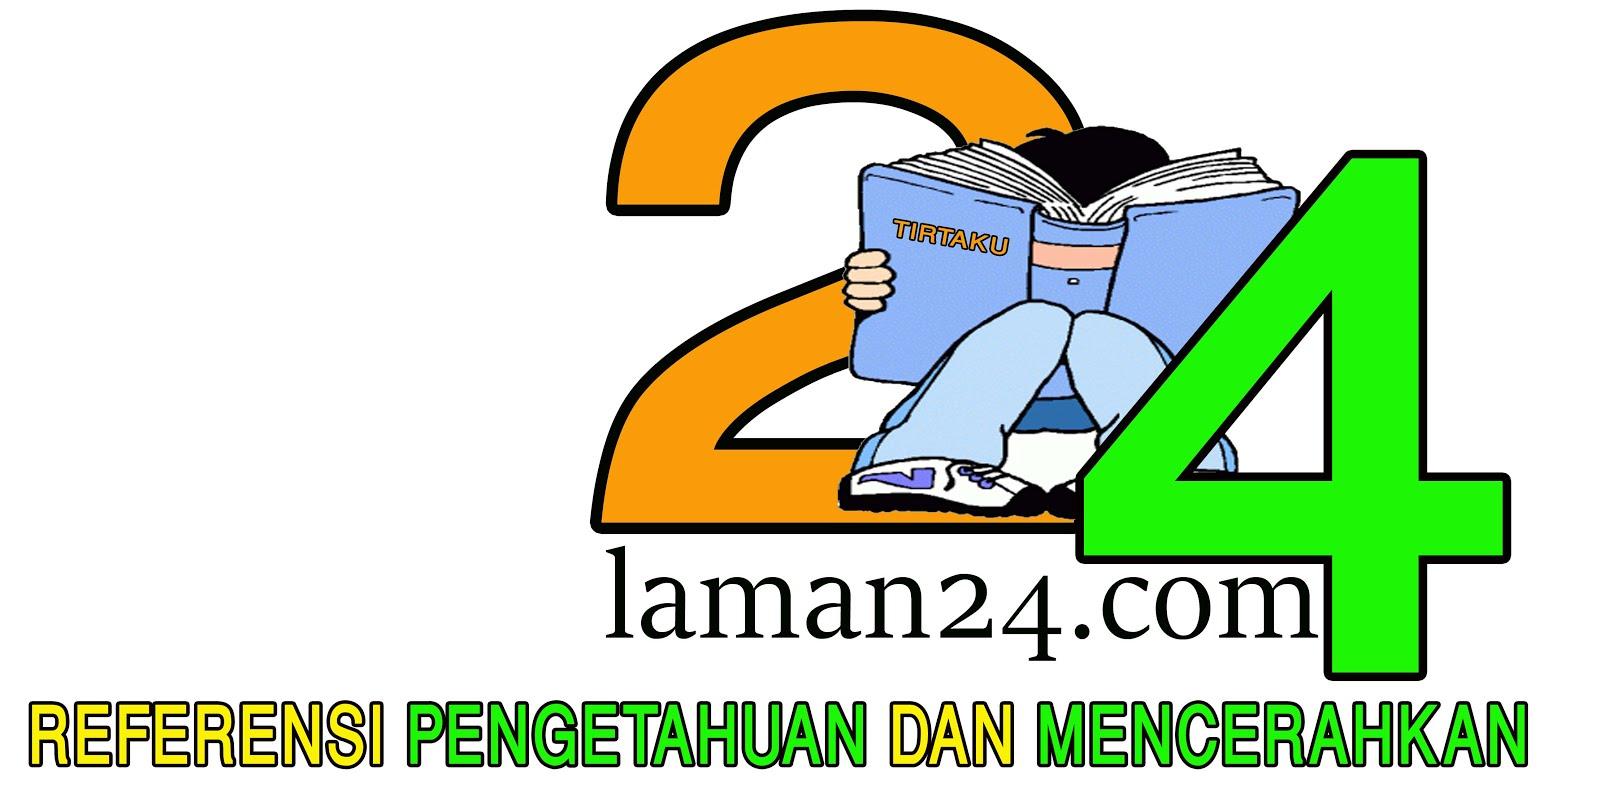 laman24.com